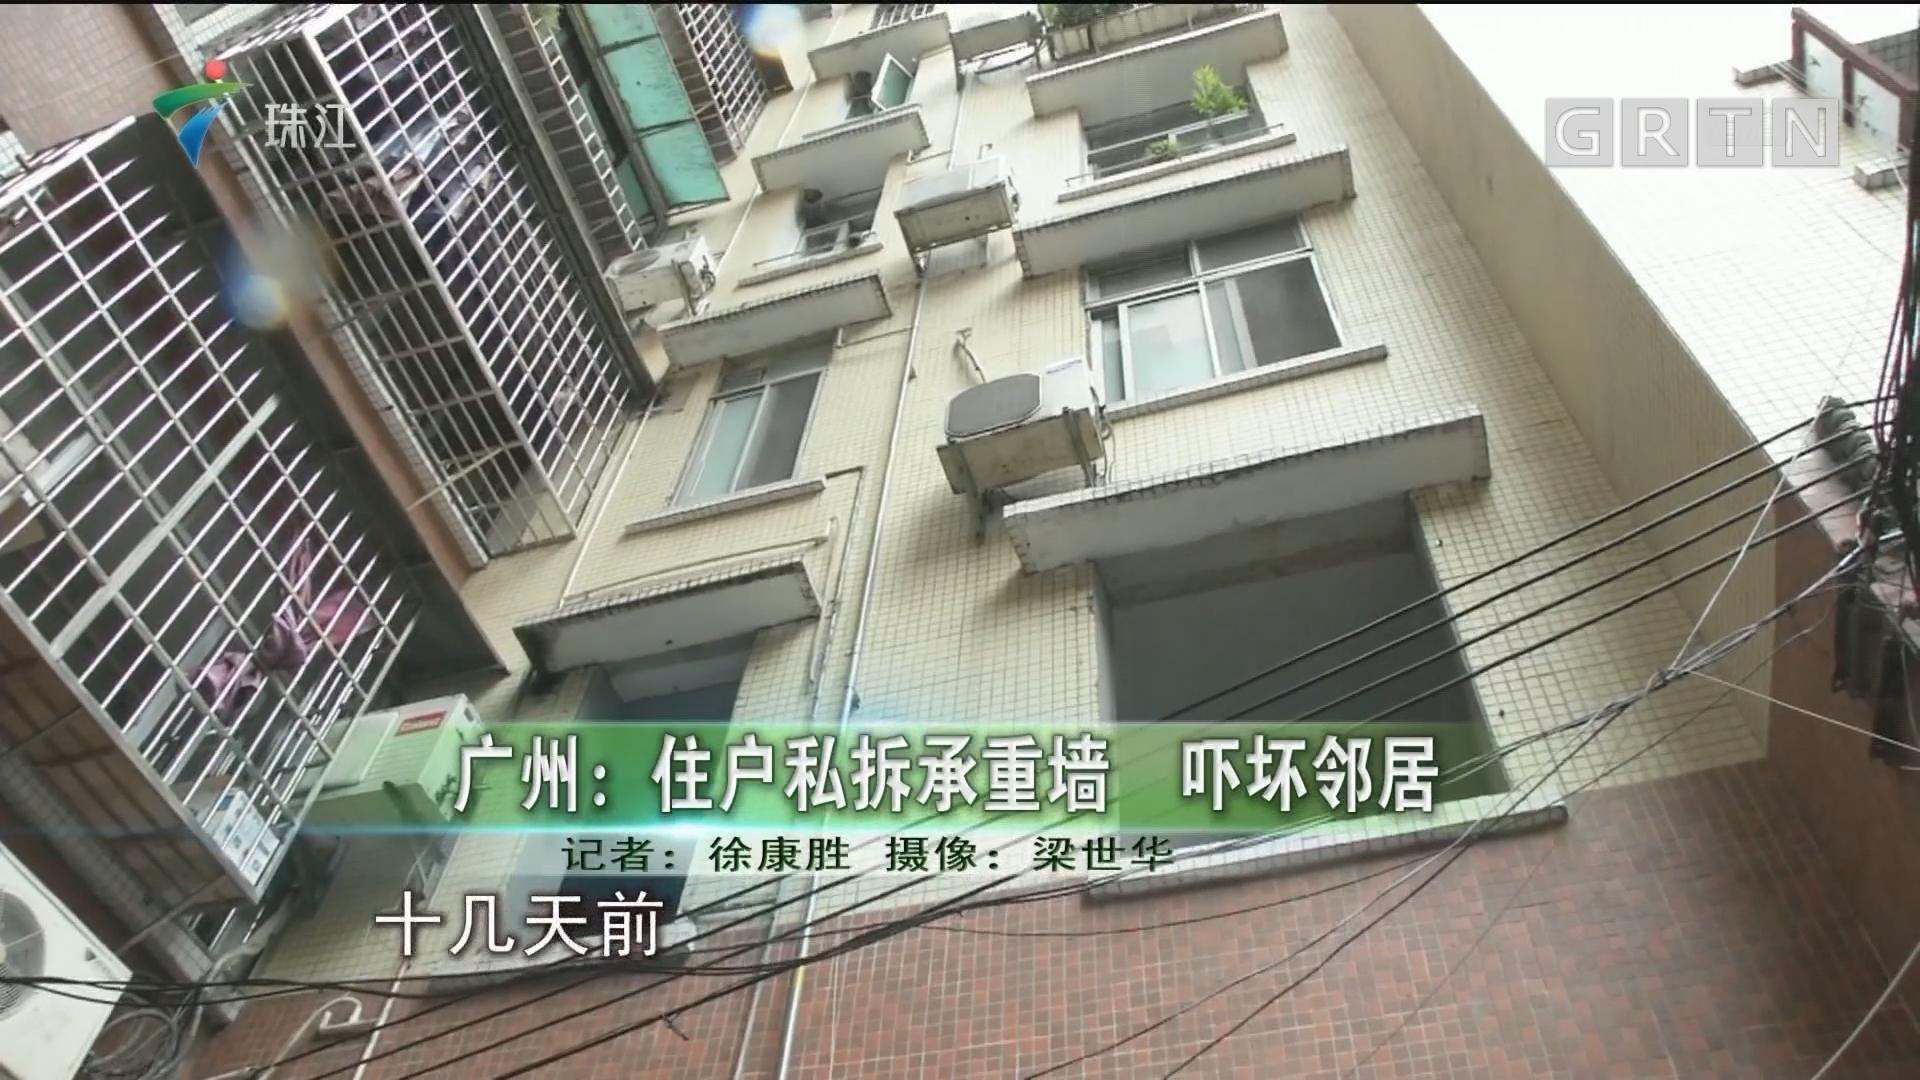 广州:住户私拆承重墙 吓坏邻居